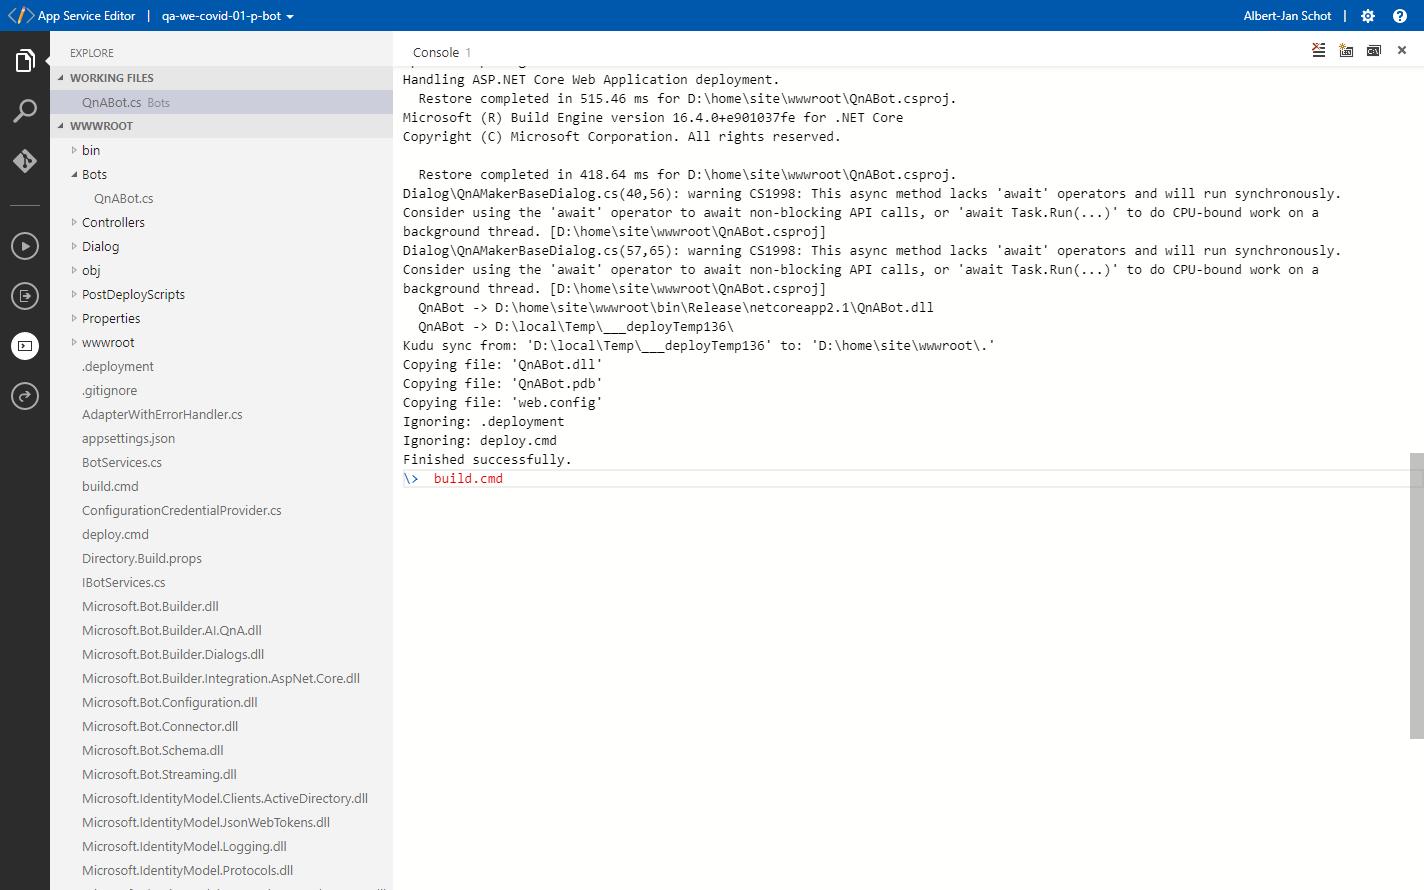 20200602-PortiBlog-chatbot-image16